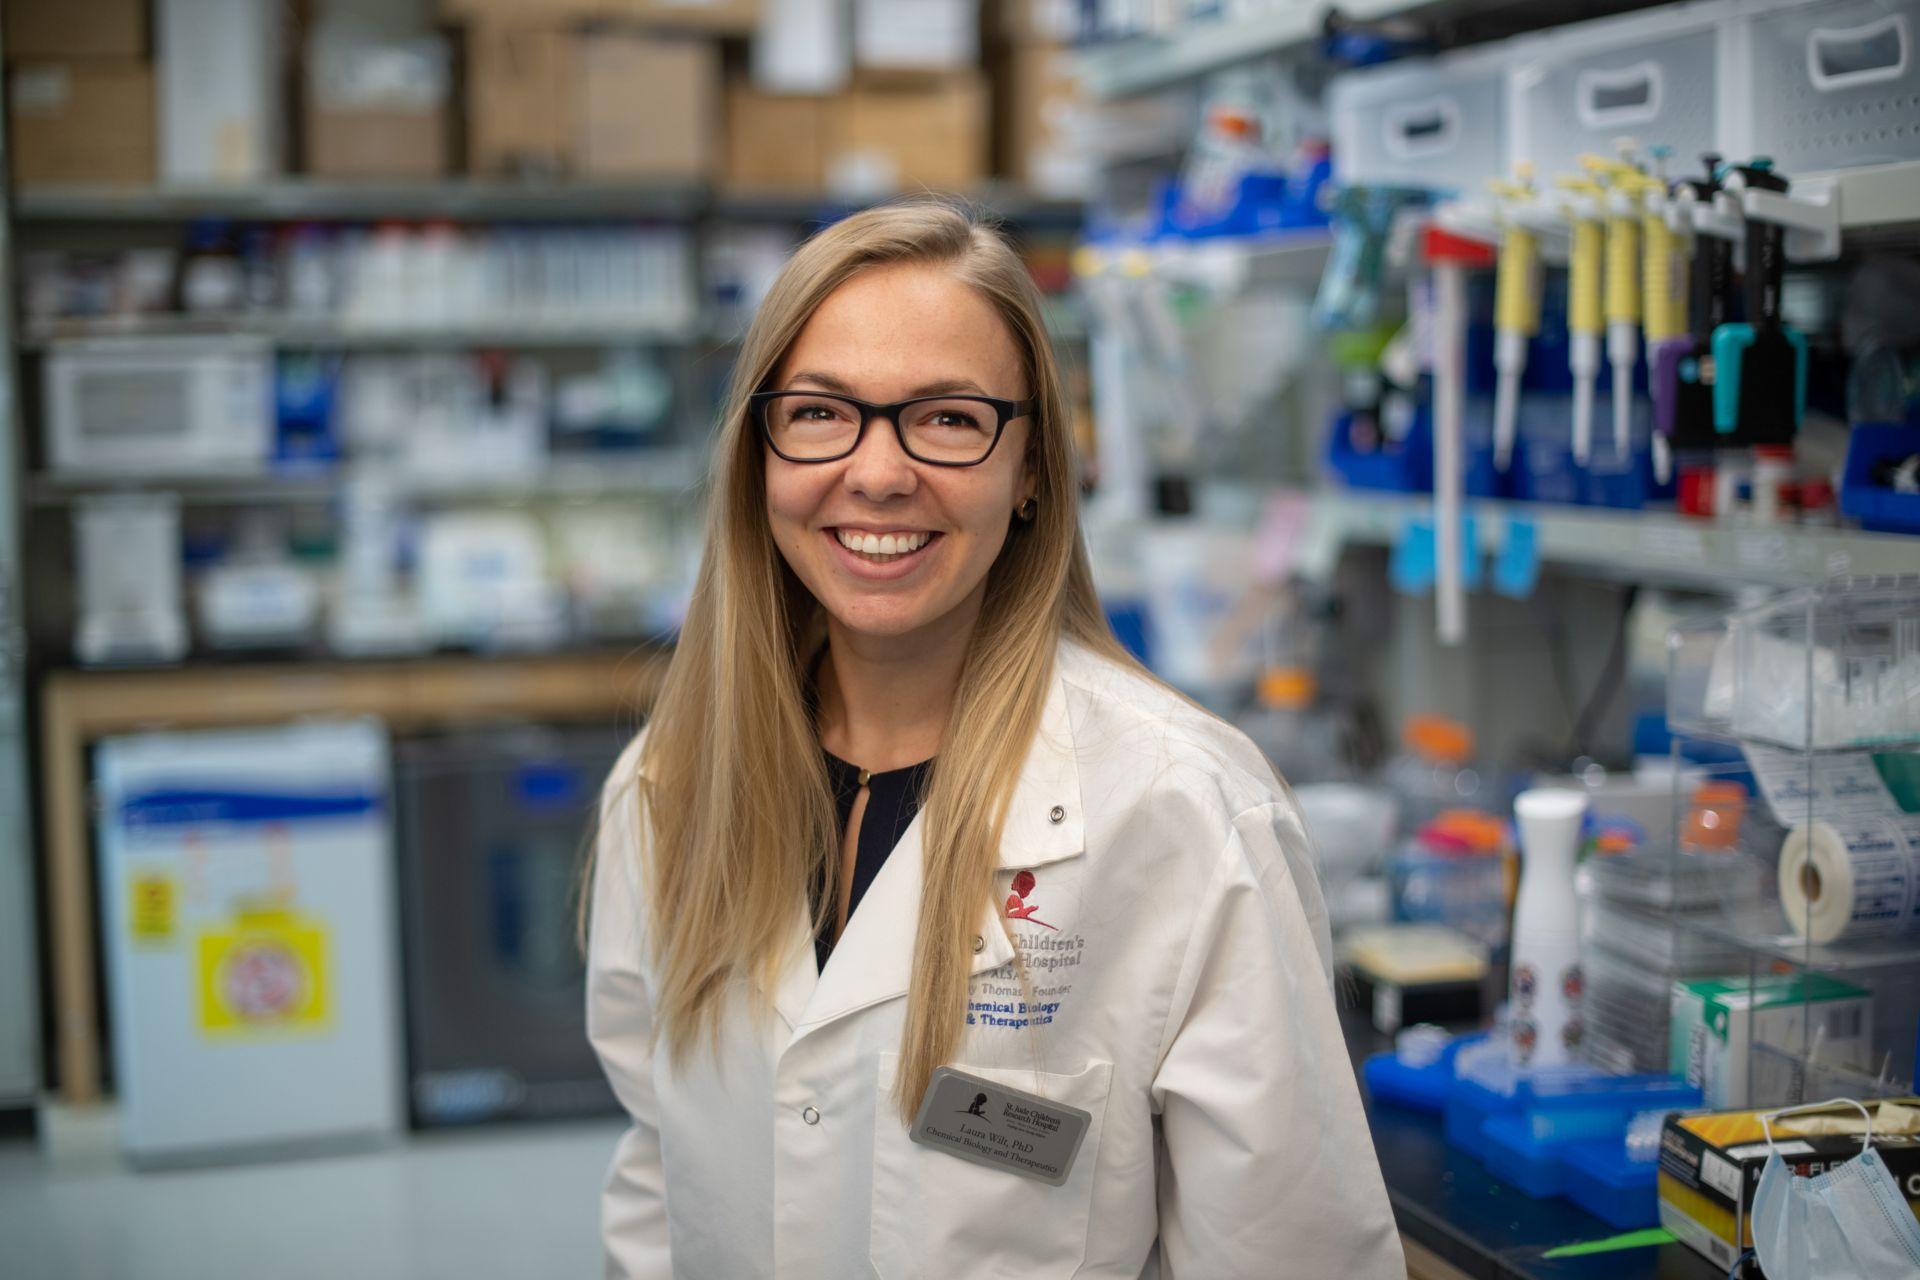 Laura Wilt, PhD